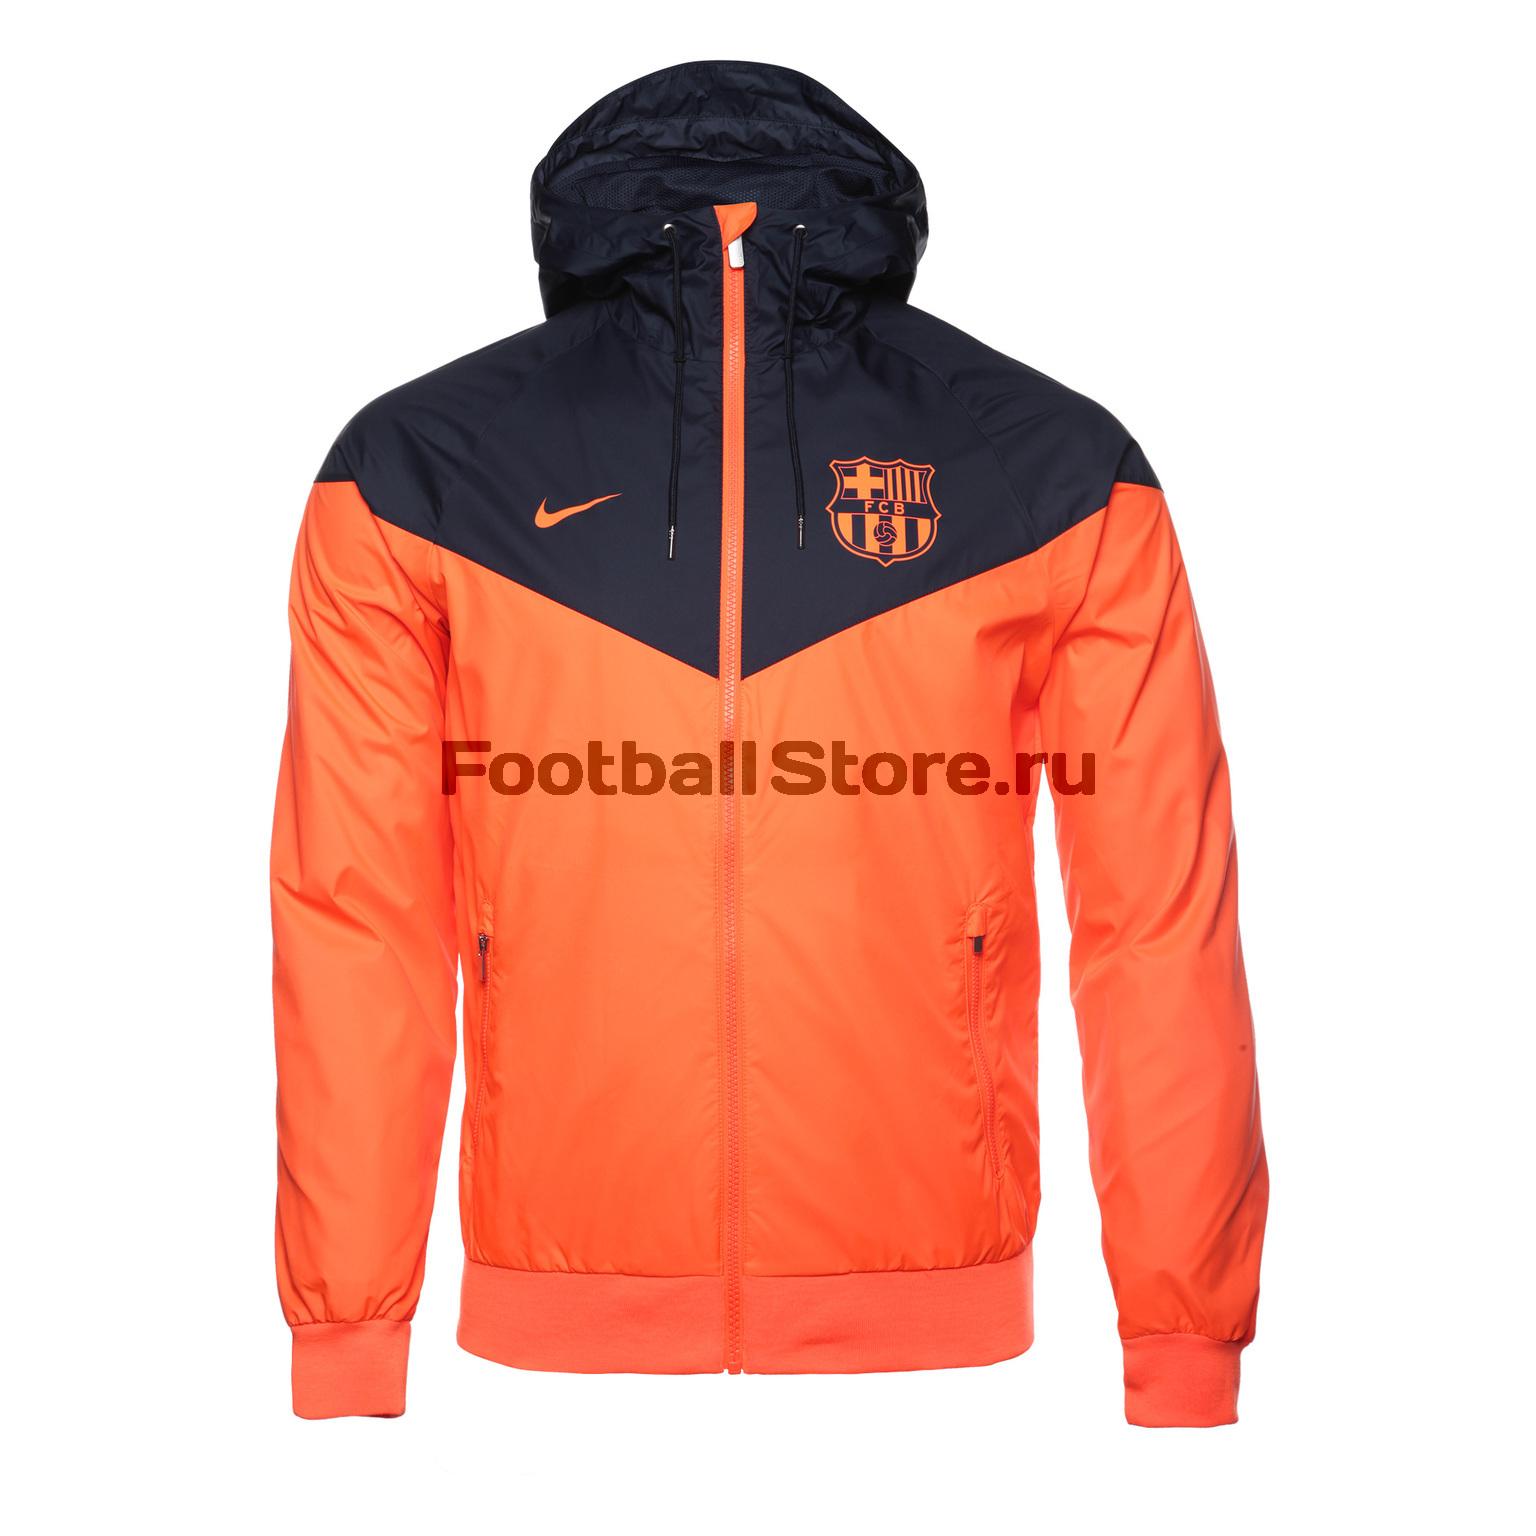 Ветровка Nike Barcelona Windrunner 886817-809 – купить в интернет ... 8dbb906fd338e